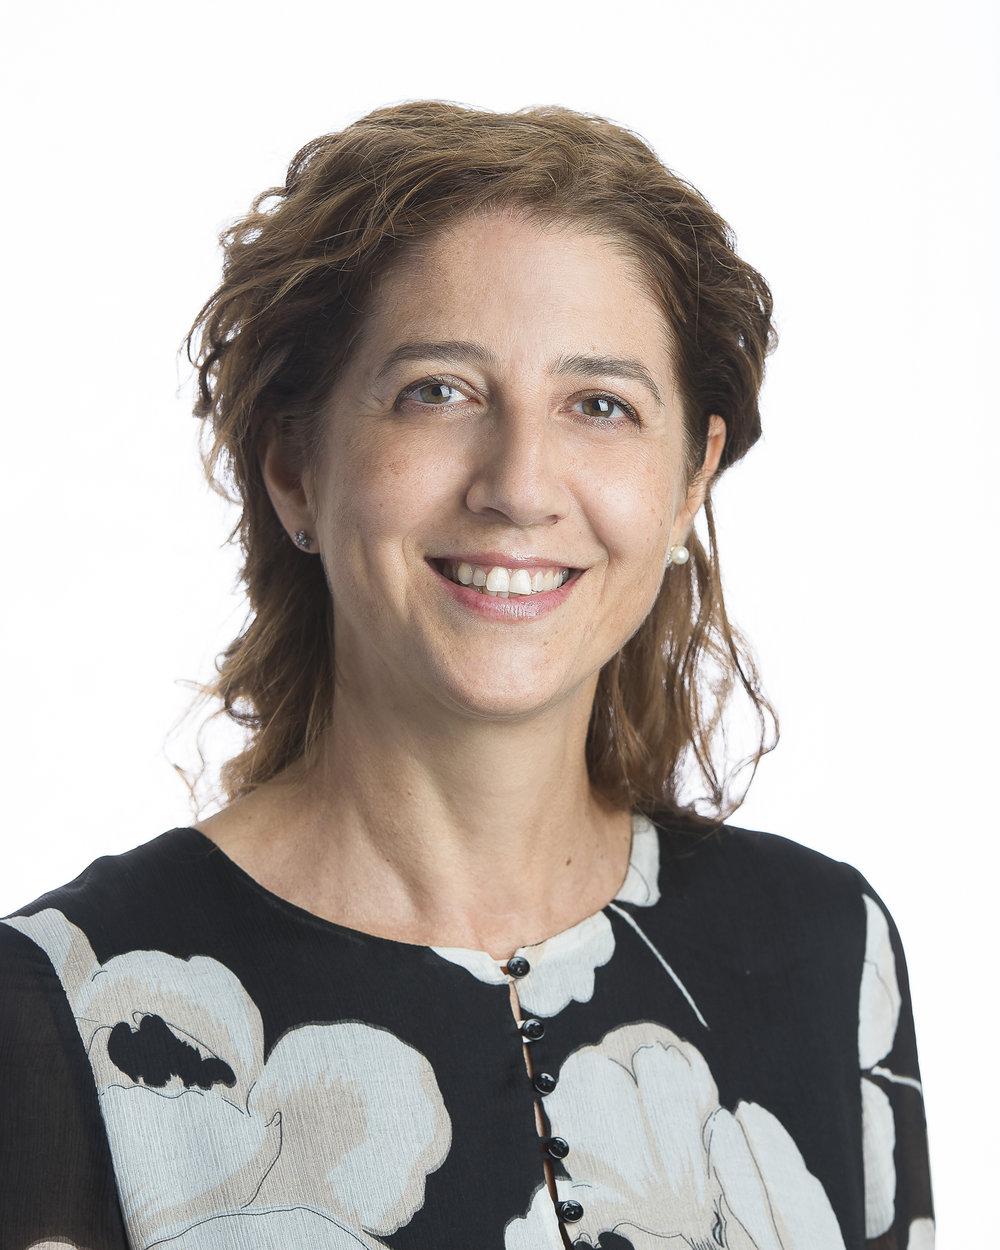 Alessandra Di Lauro, Professeure agrégée à l'Université de Pise en Italie